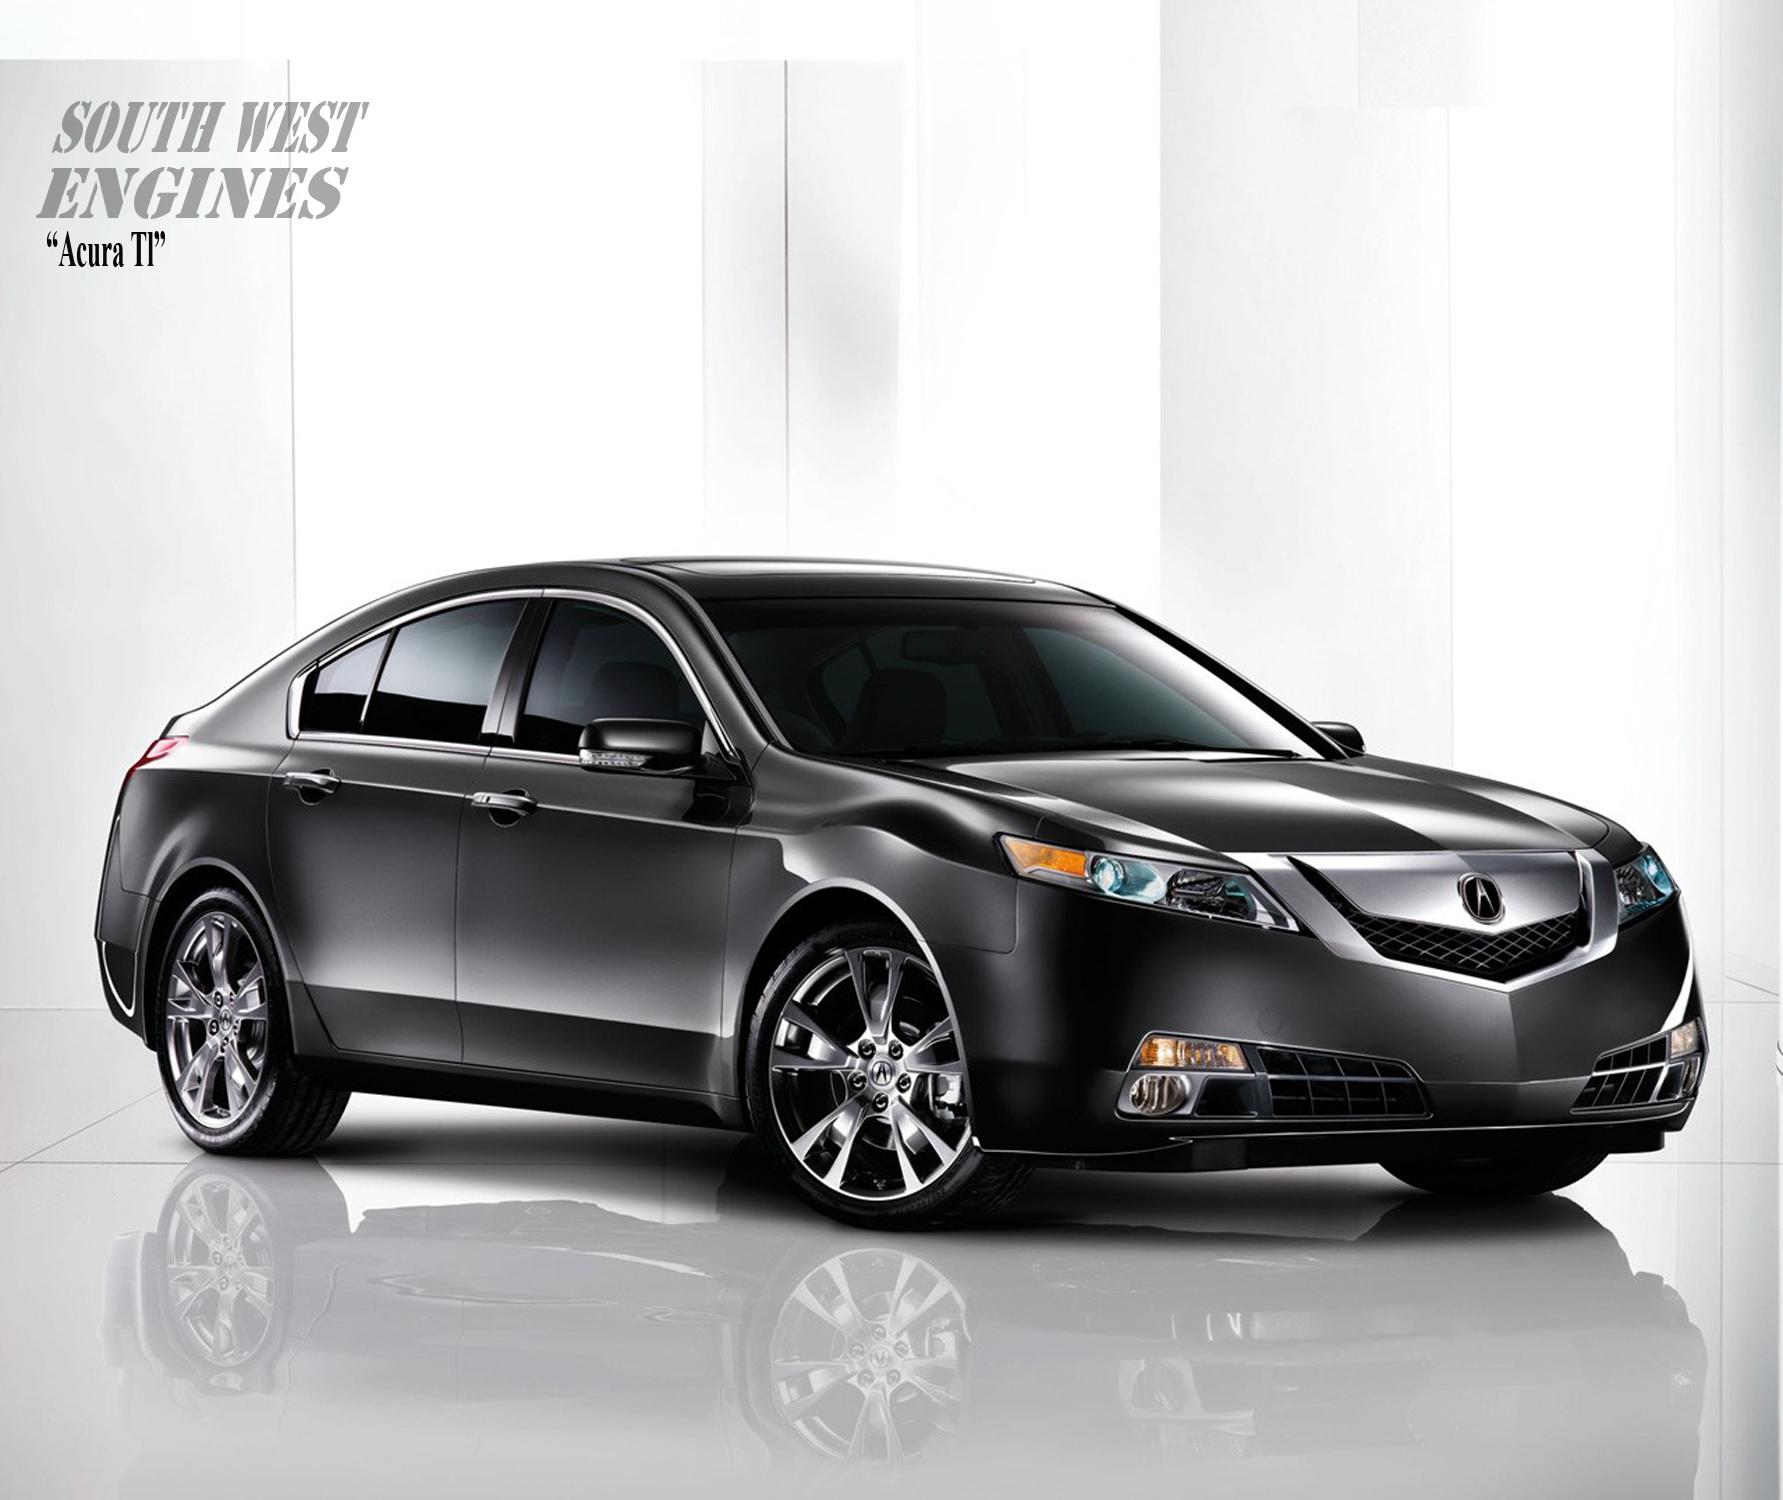 #SouthwestEngines The Acura TL Is A Mid-size Luxury Sedan